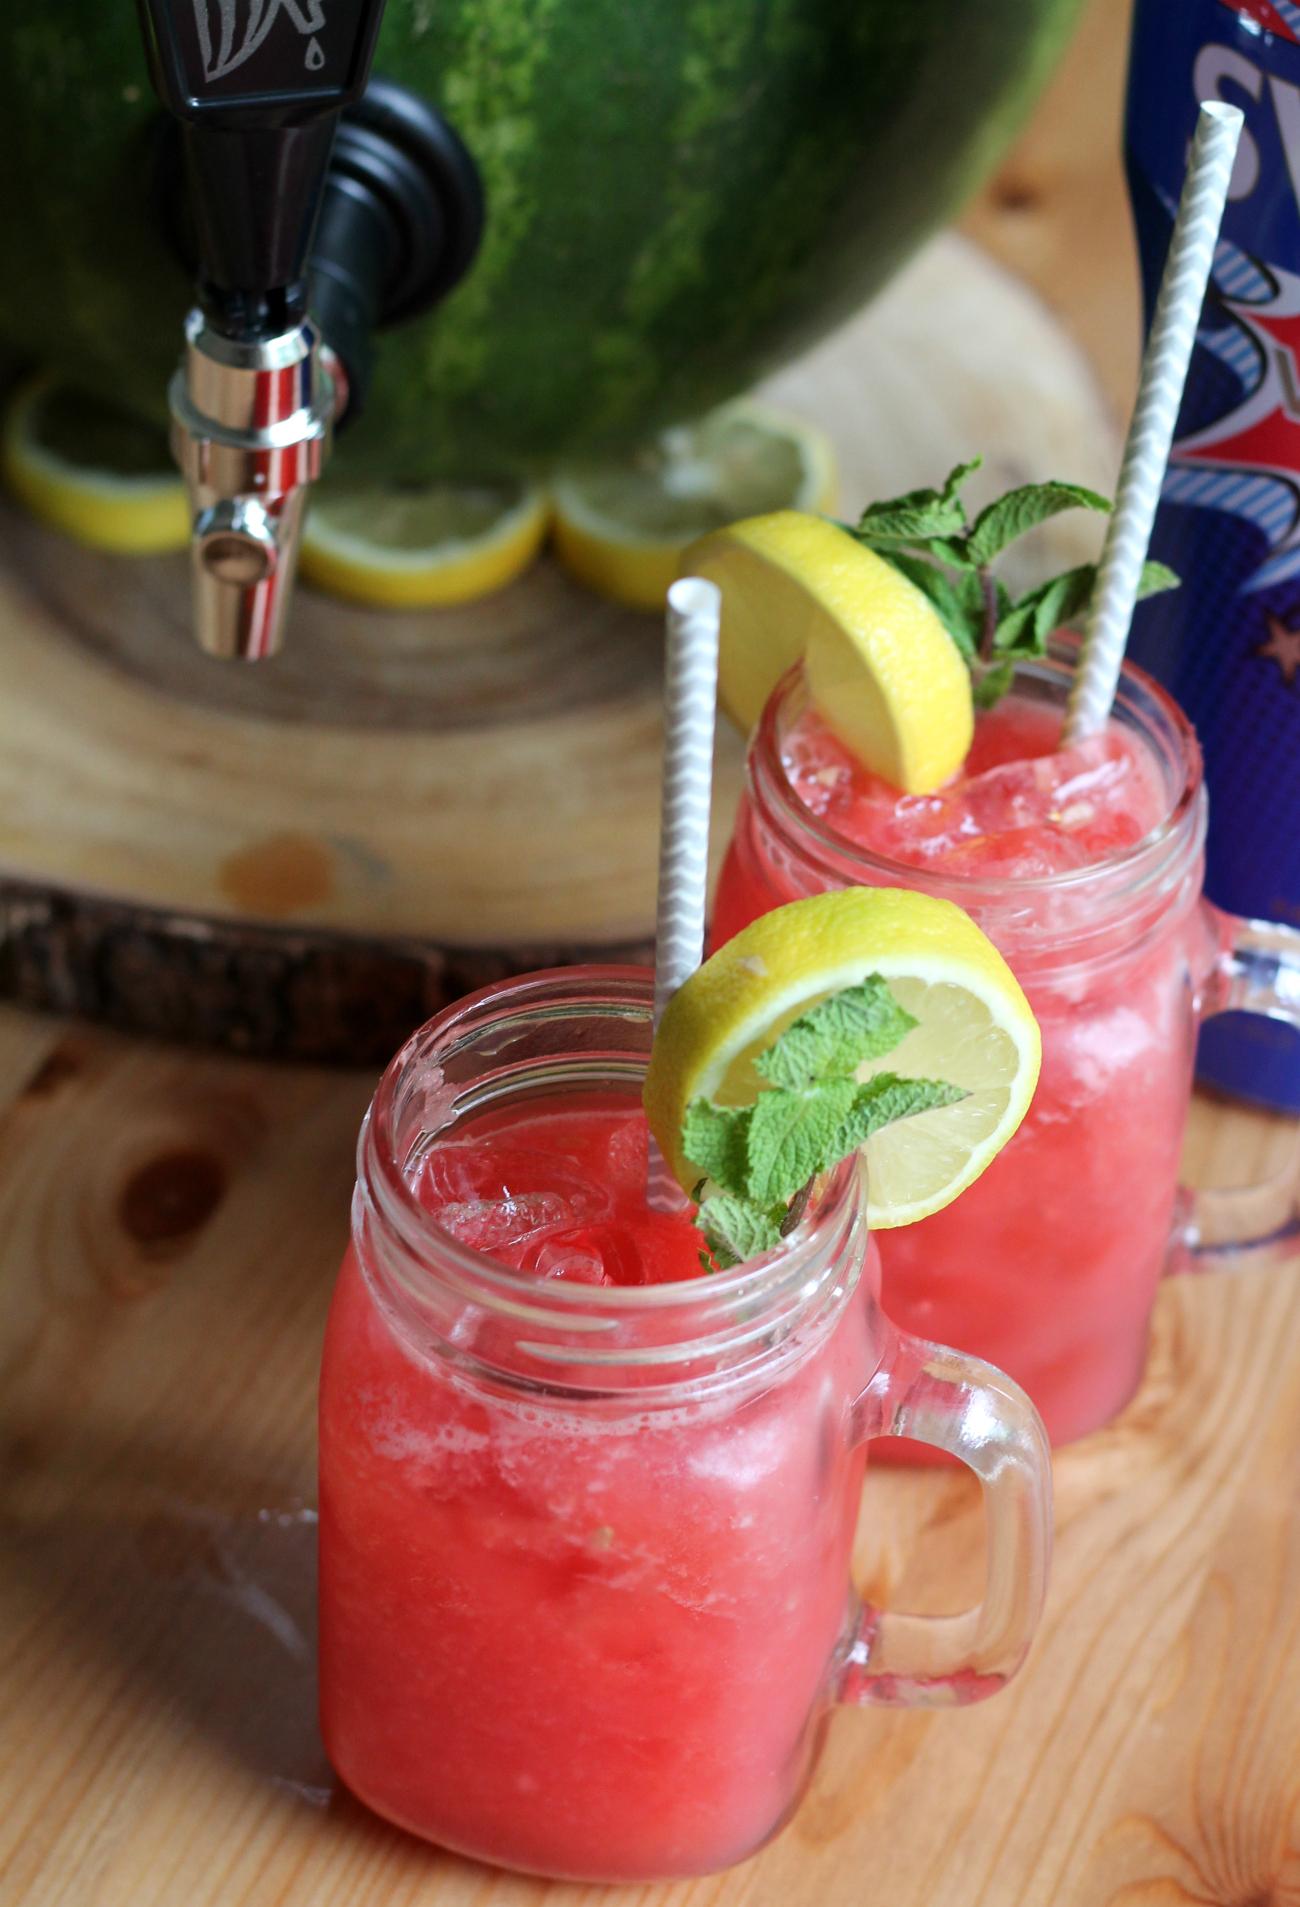 Арбузный лимонад с базиликом рецепт детское меню: напитки 2